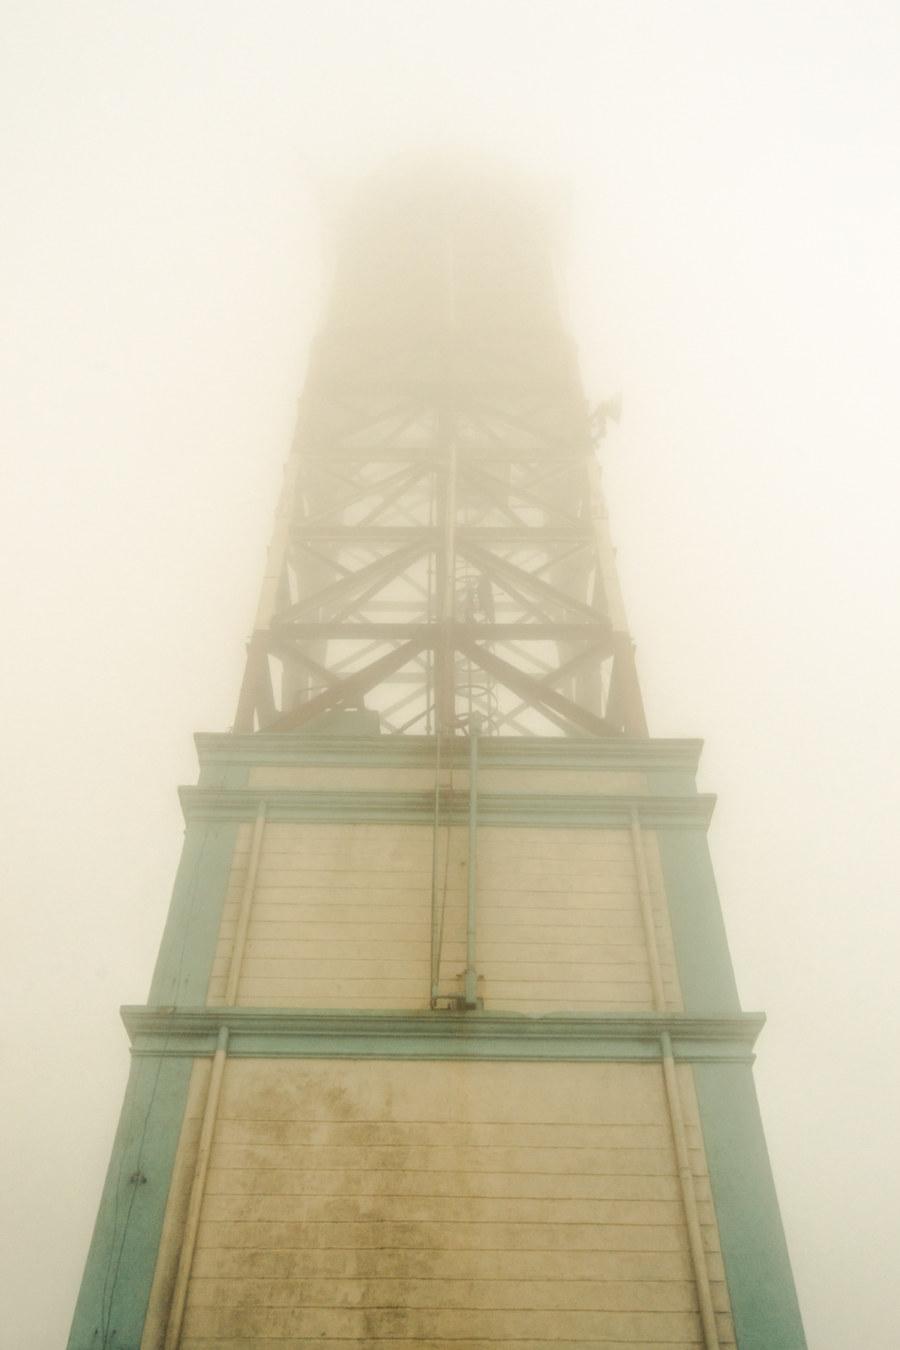 Doppler radar station at People's Park In The Sky in the mist